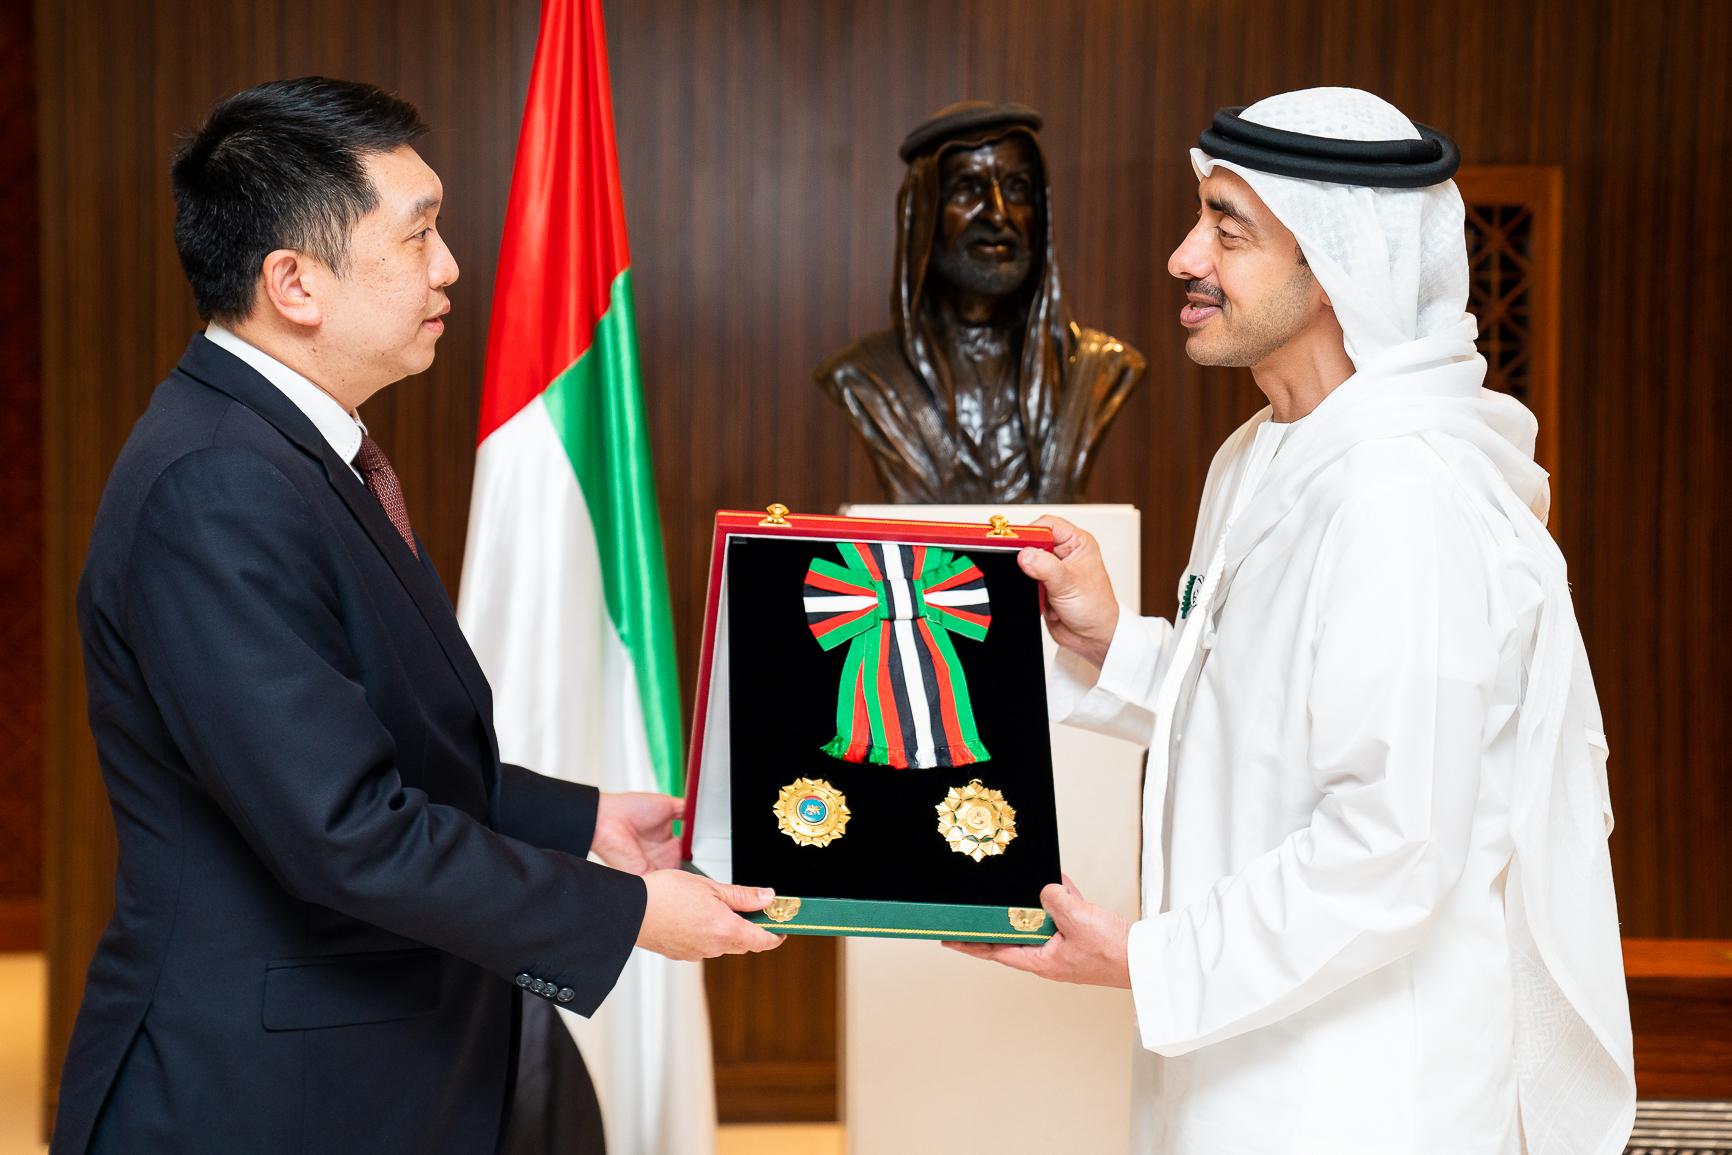 رئيس الدولة يمنح سفير سنغافورة وسام الاستقلال من الطبقة الأولى